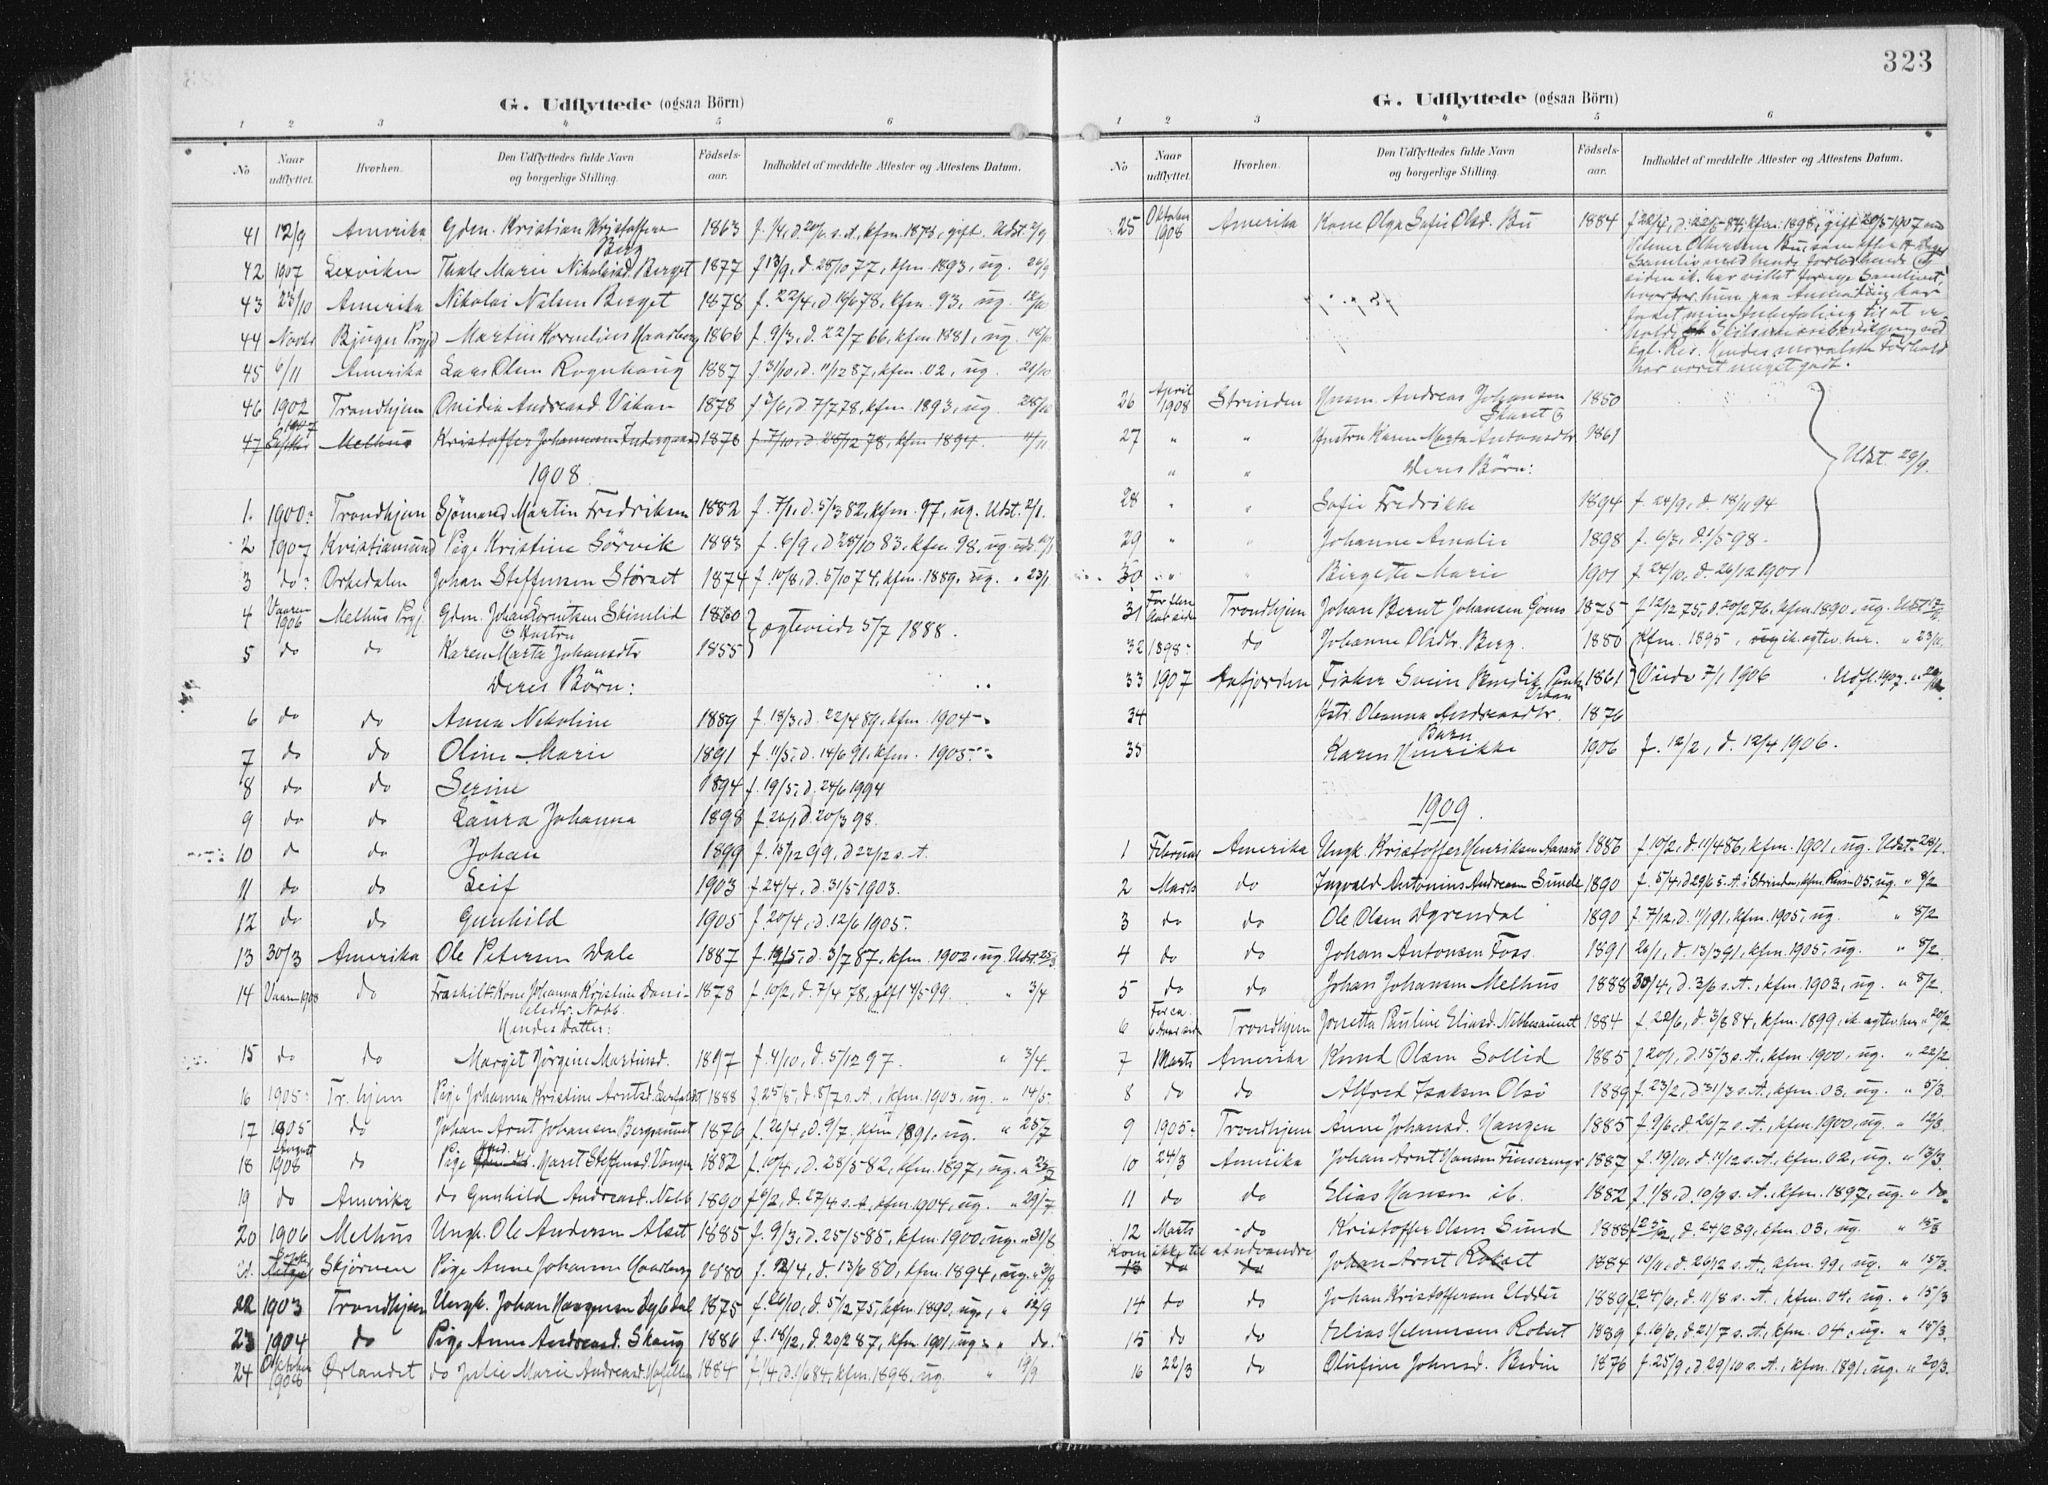 SAT, Ministerialprotokoller, klokkerbøker og fødselsregistre - Sør-Trøndelag, 647/L0635: Ministerialbok nr. 647A02, 1896-1911, s. 323